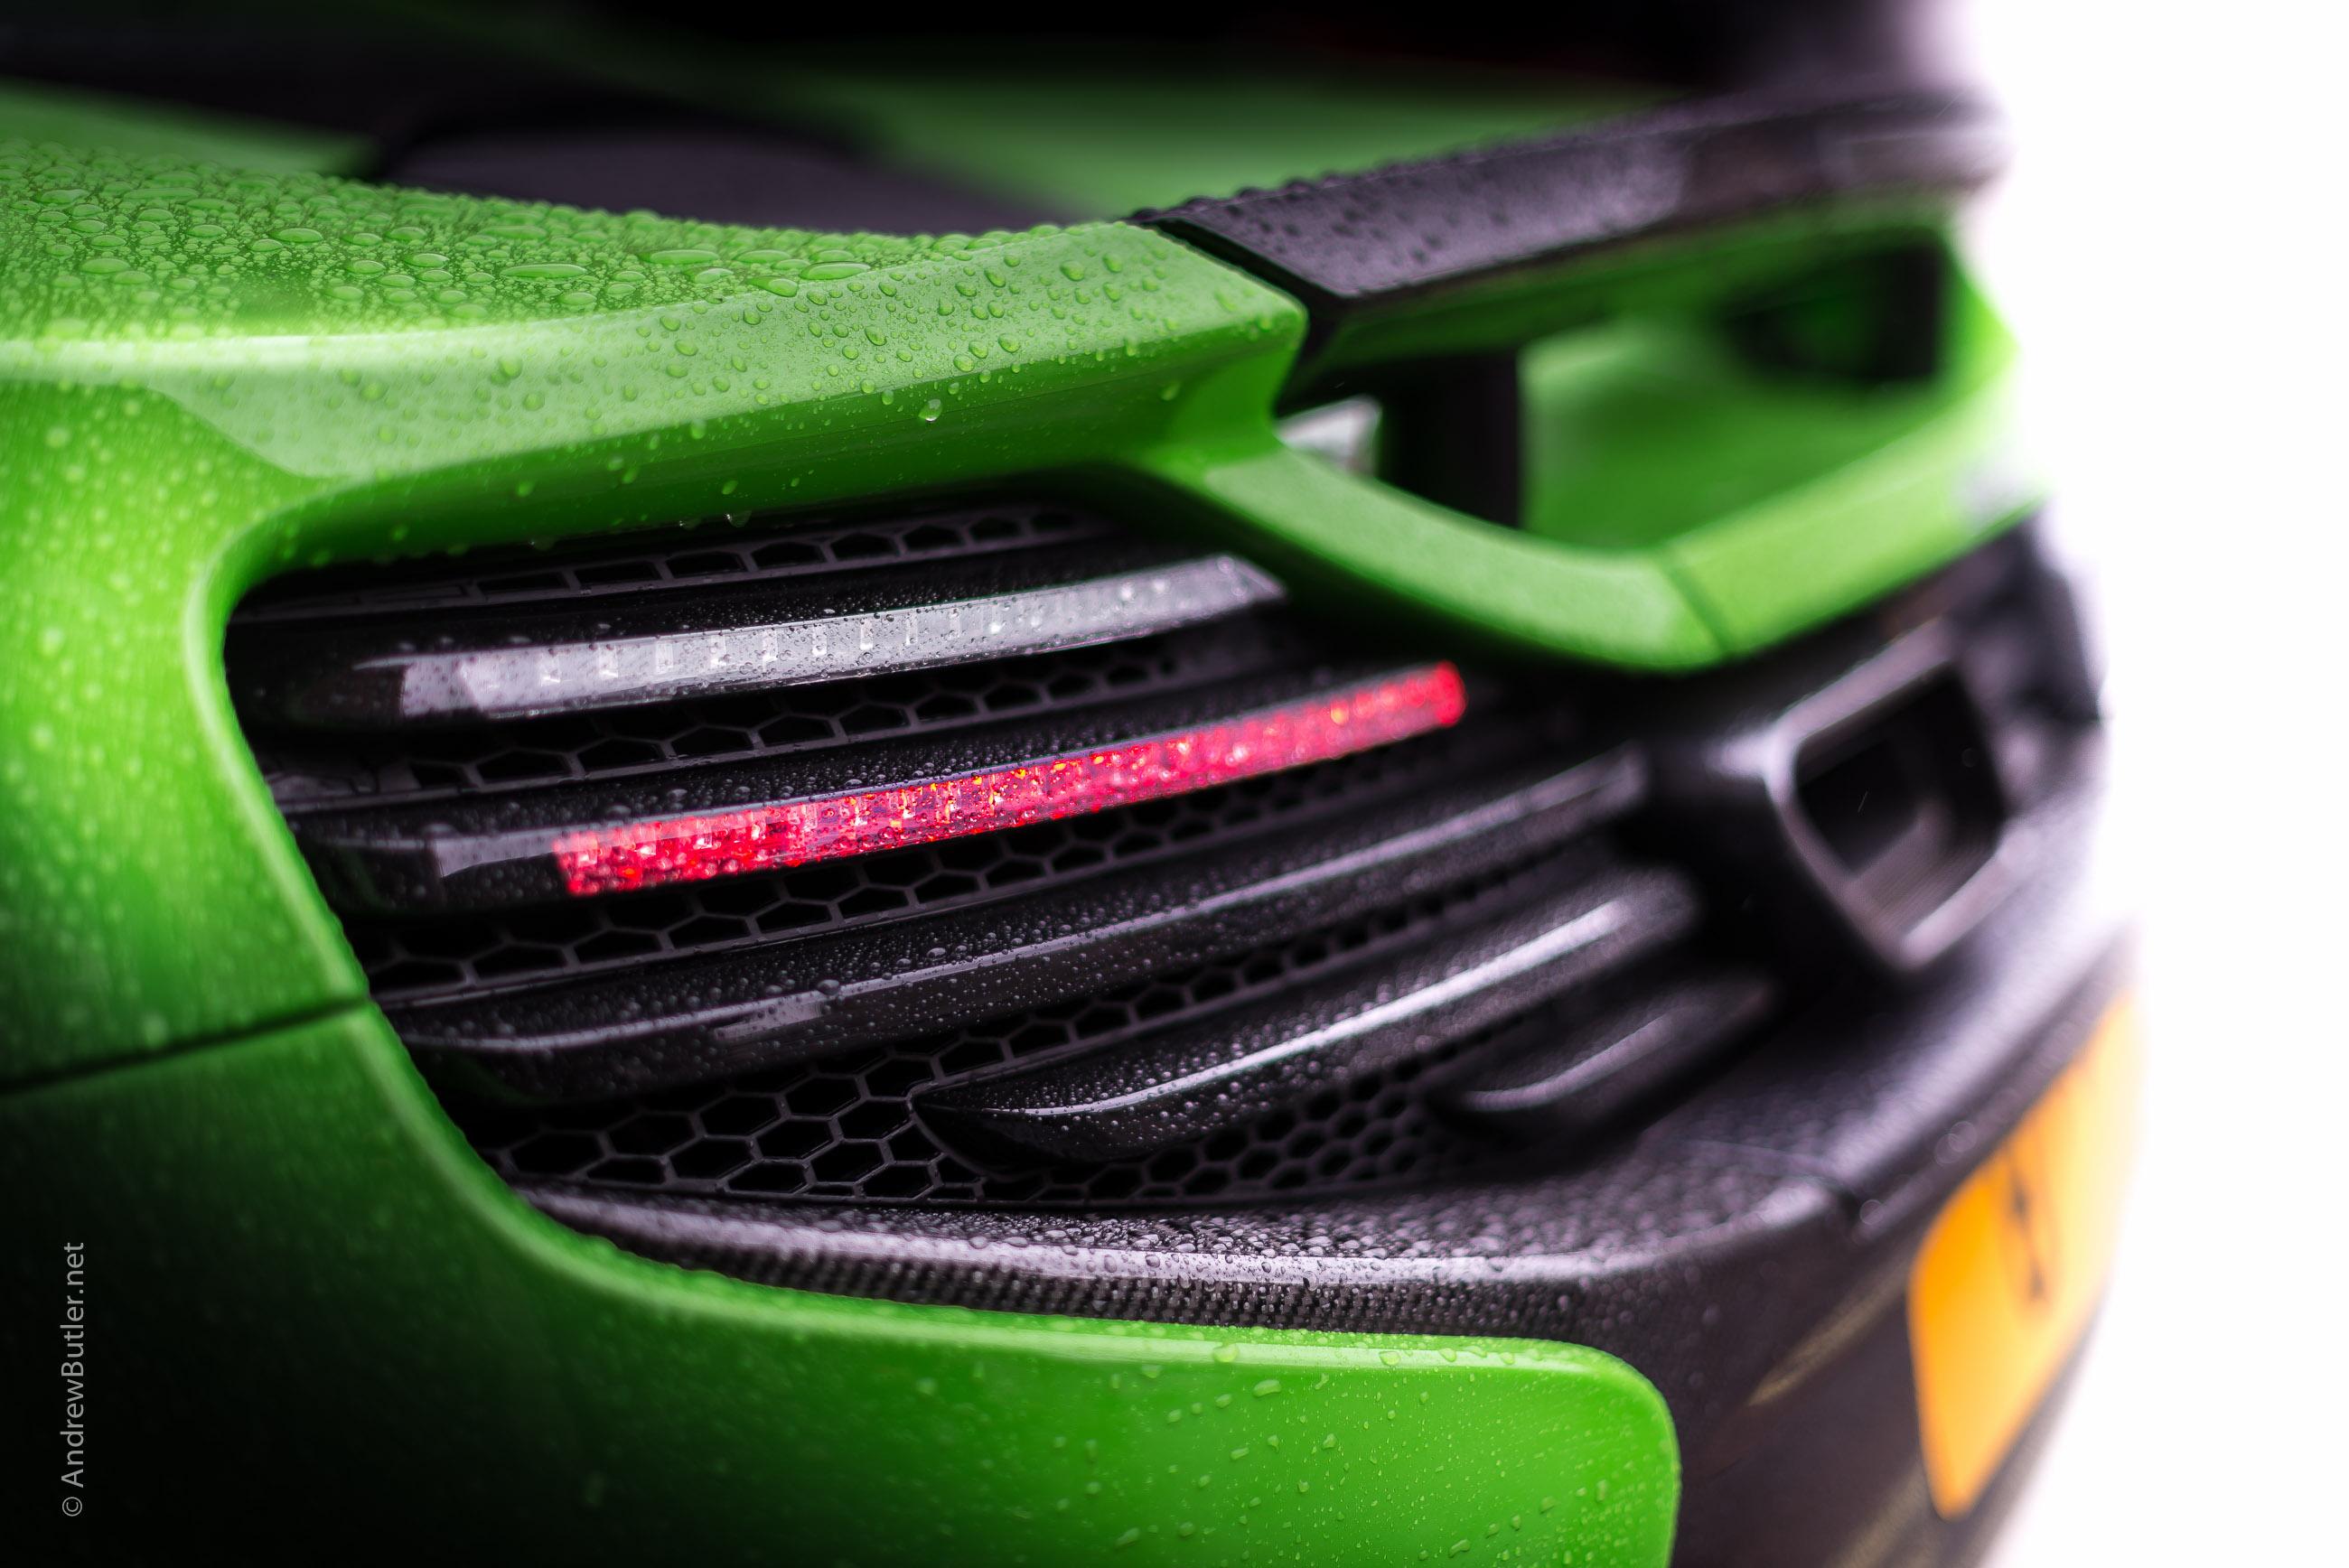 McLaren 650s Photograph by Andrew Butler